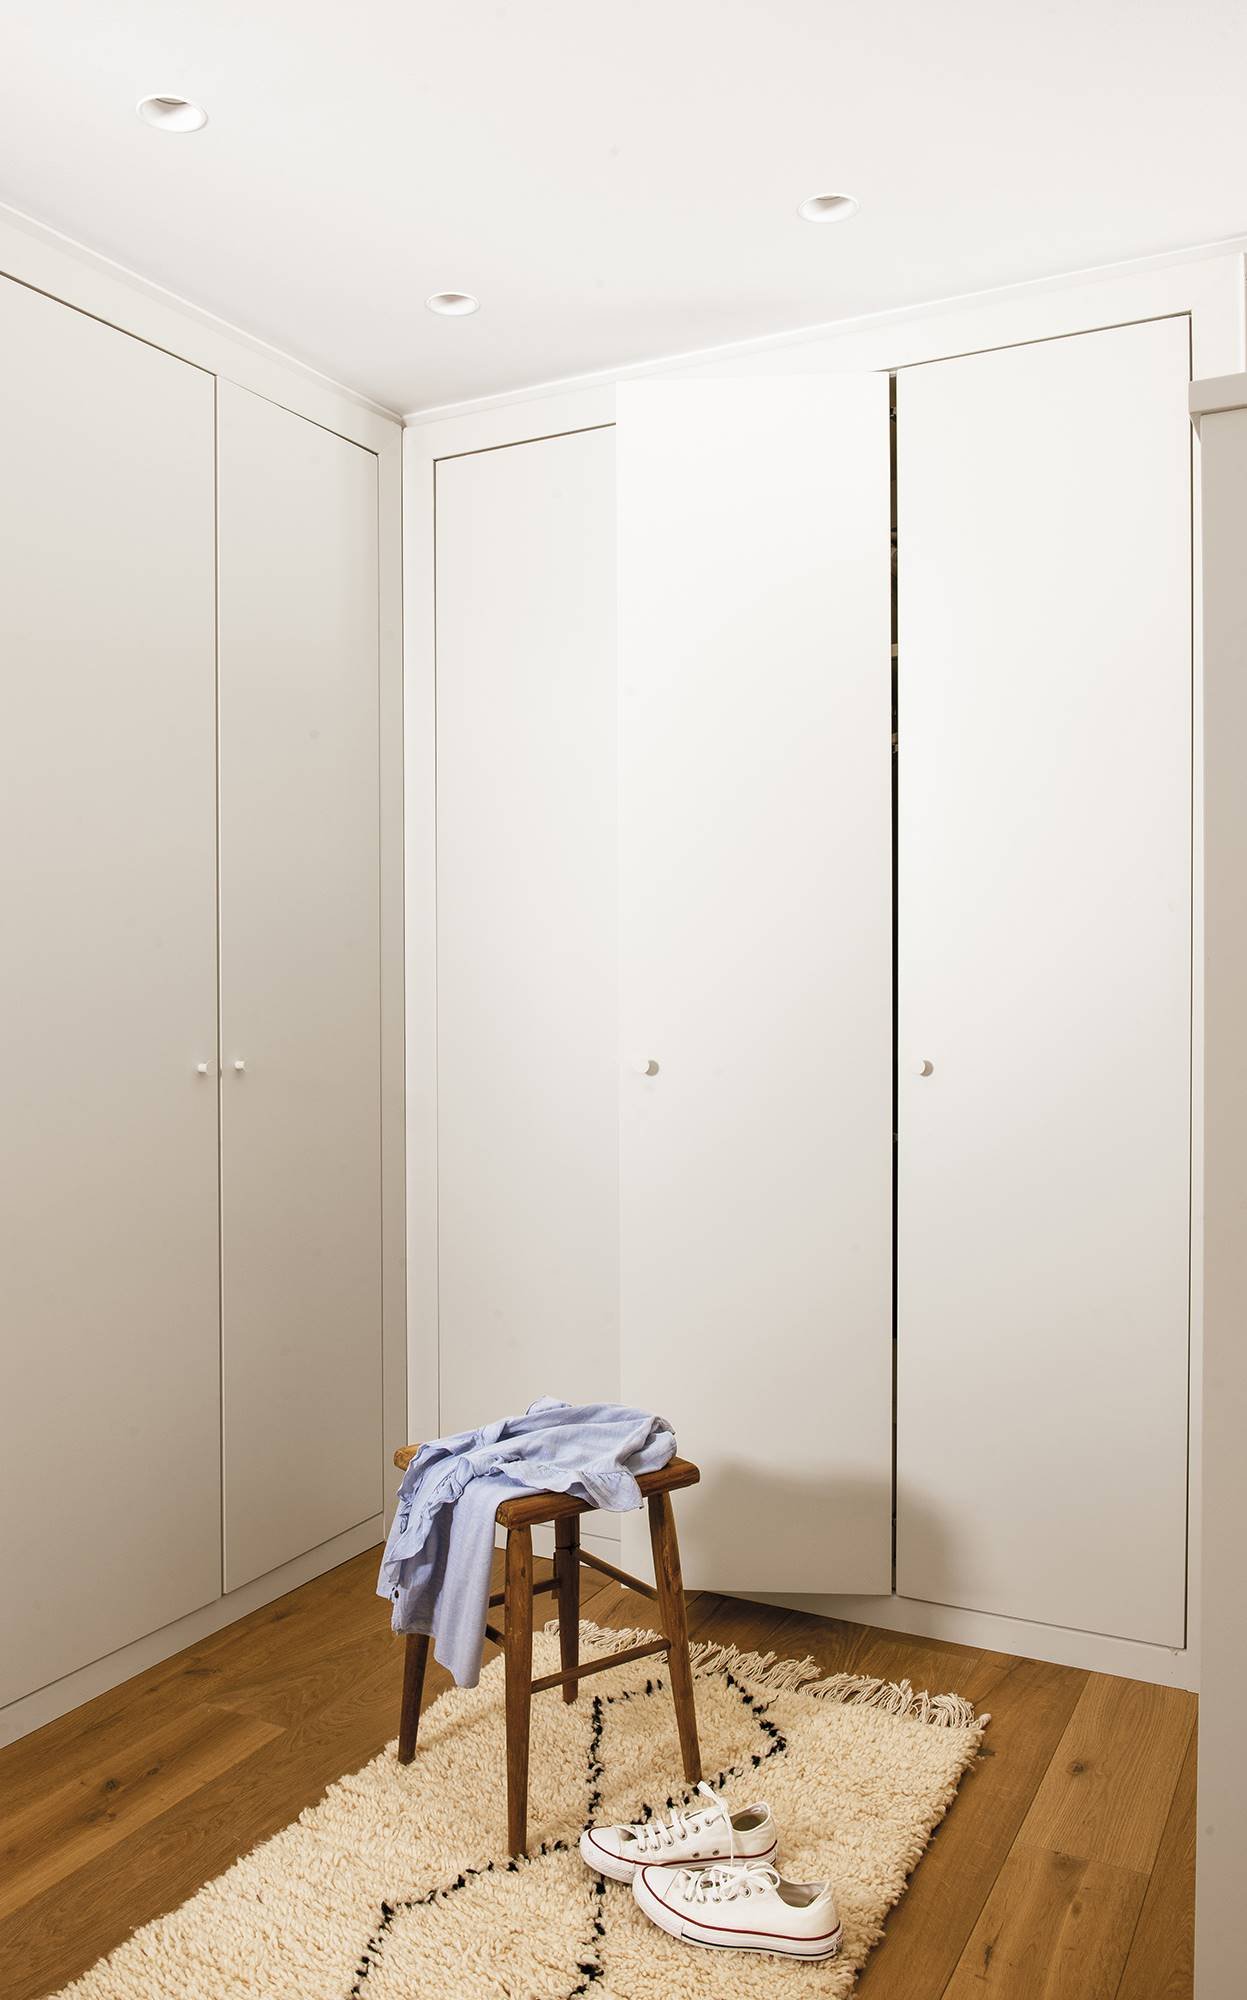 047 DSC6023-3. Una casa pequeña pero con muchos armarios